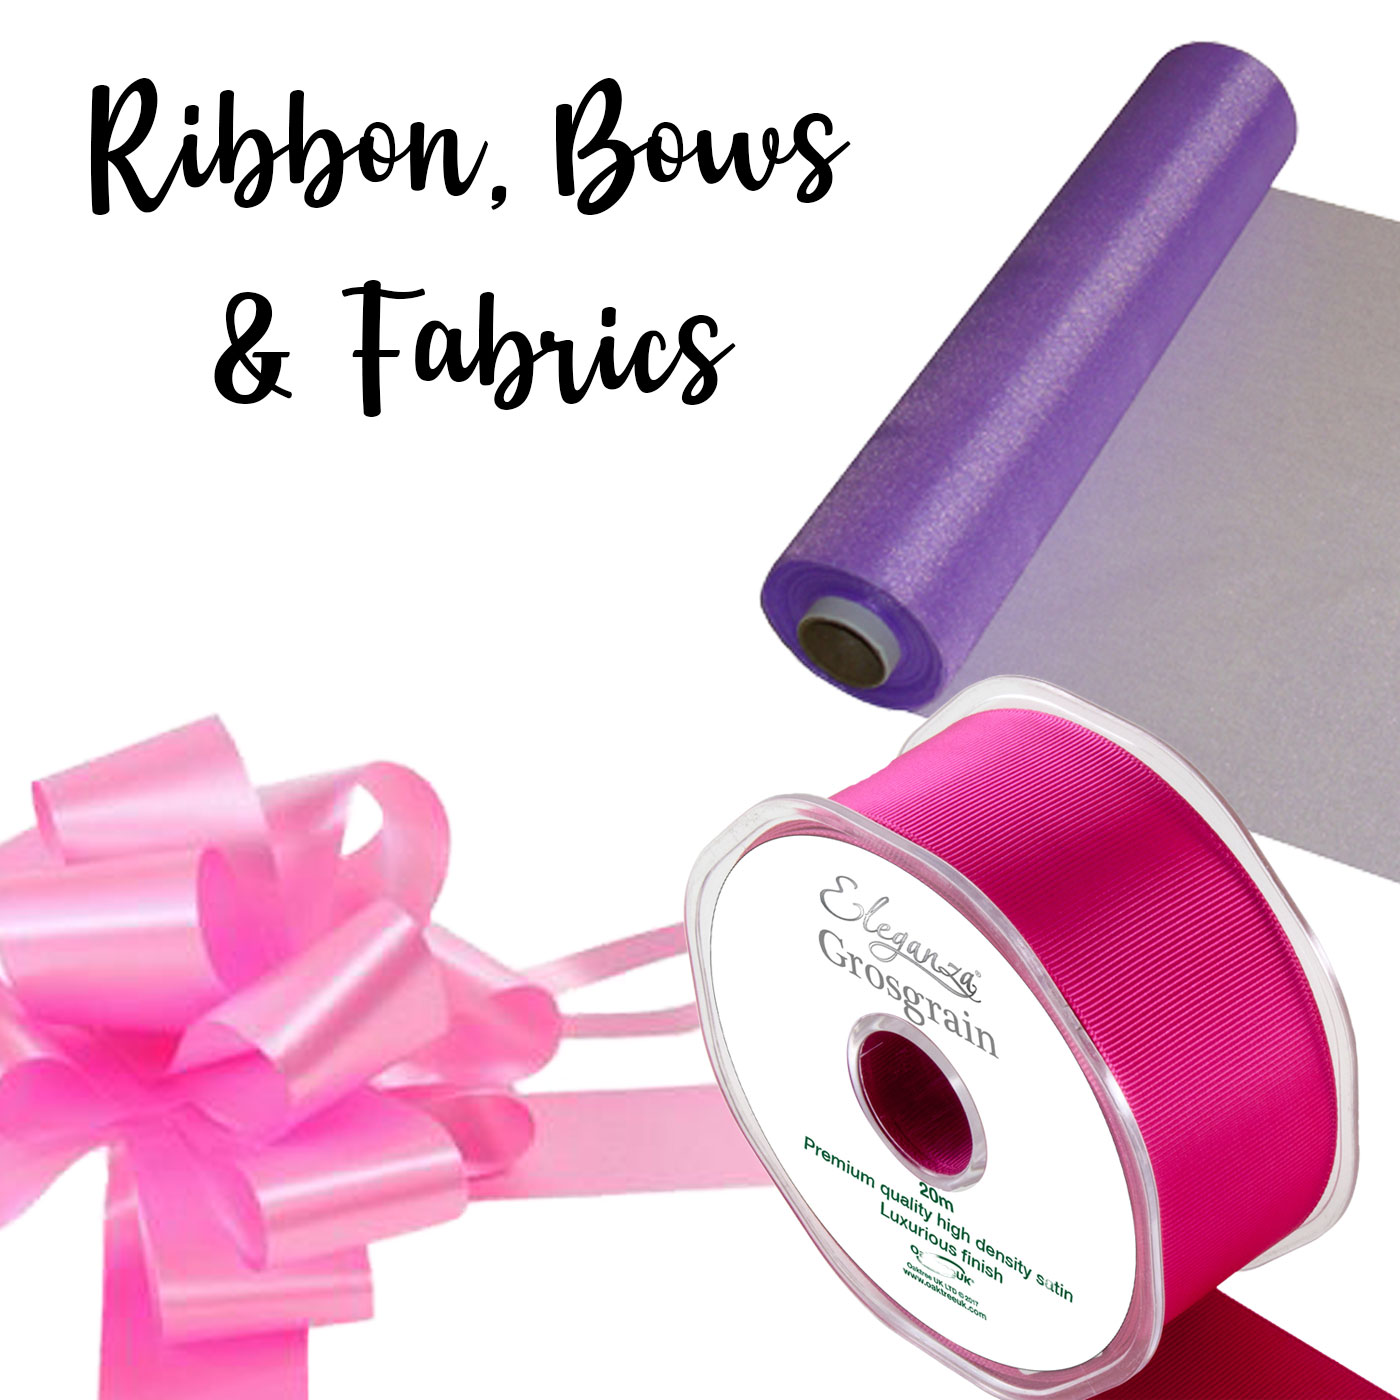 Ribbons, Bows and Fabrics